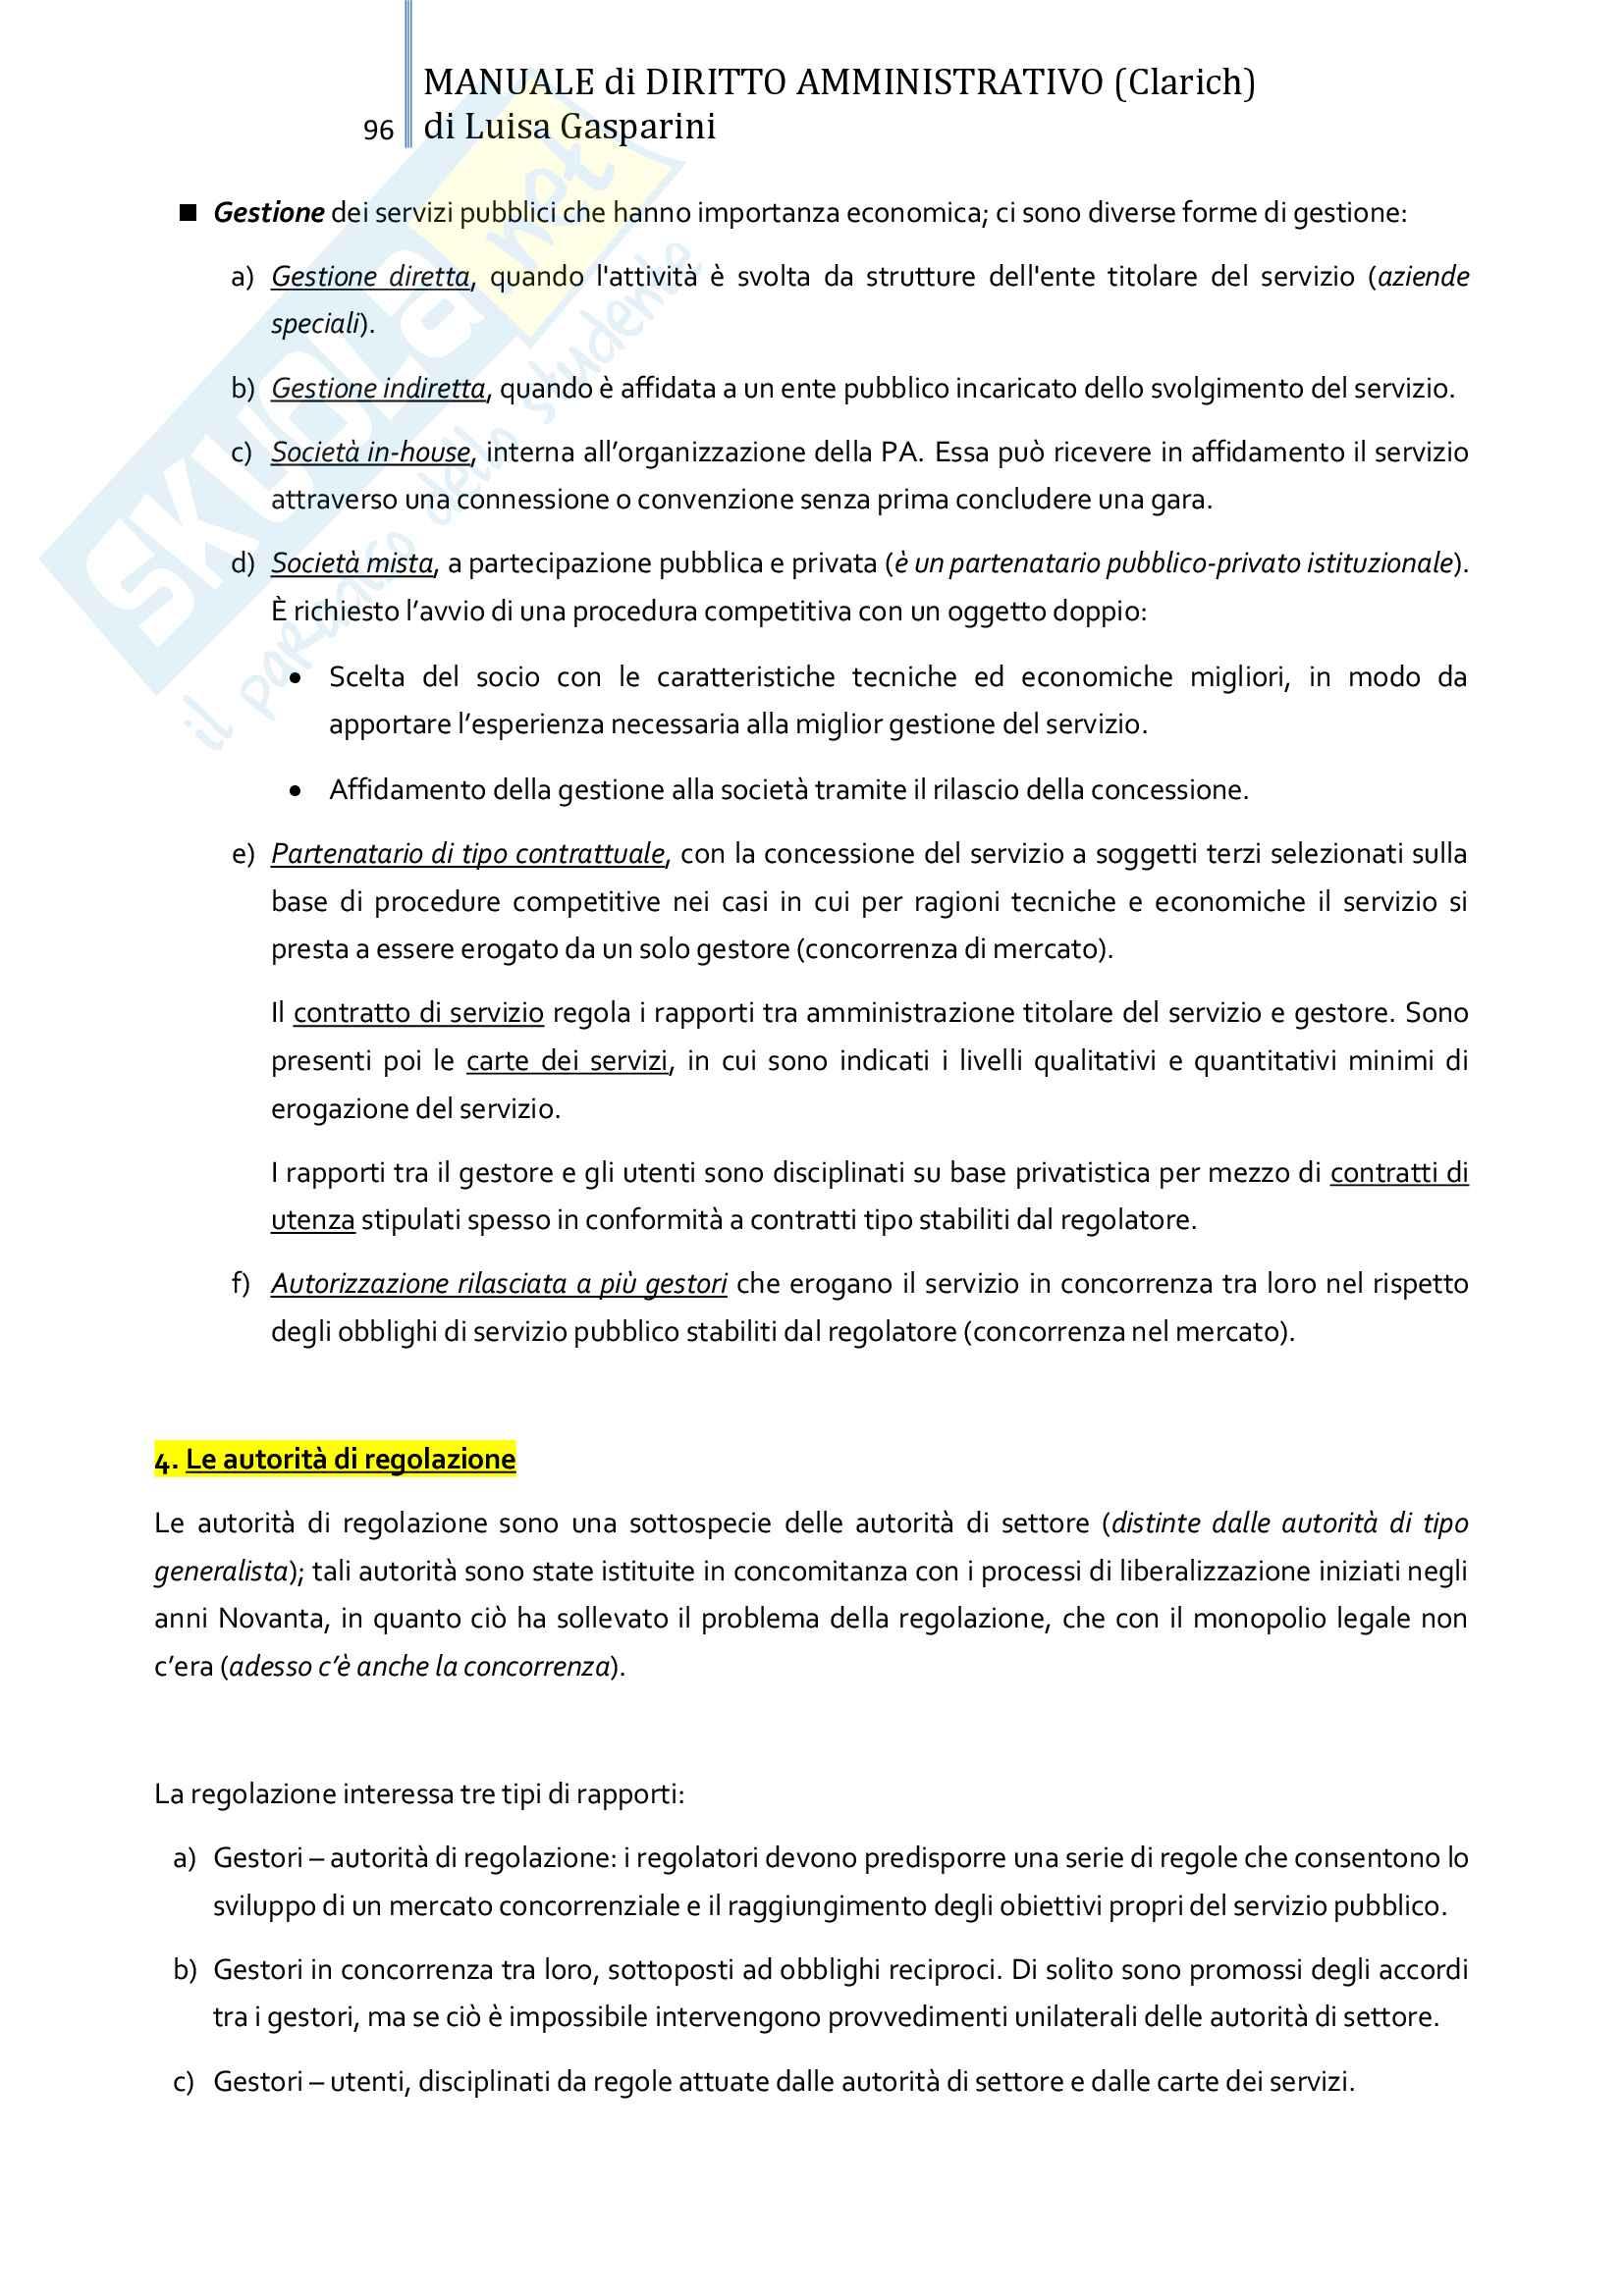 Riassunto esame Diritto amministrativo, professor Leonardi. Testo consigliato Manuale di Diritto Amministrativo, Clarich Pag. 96